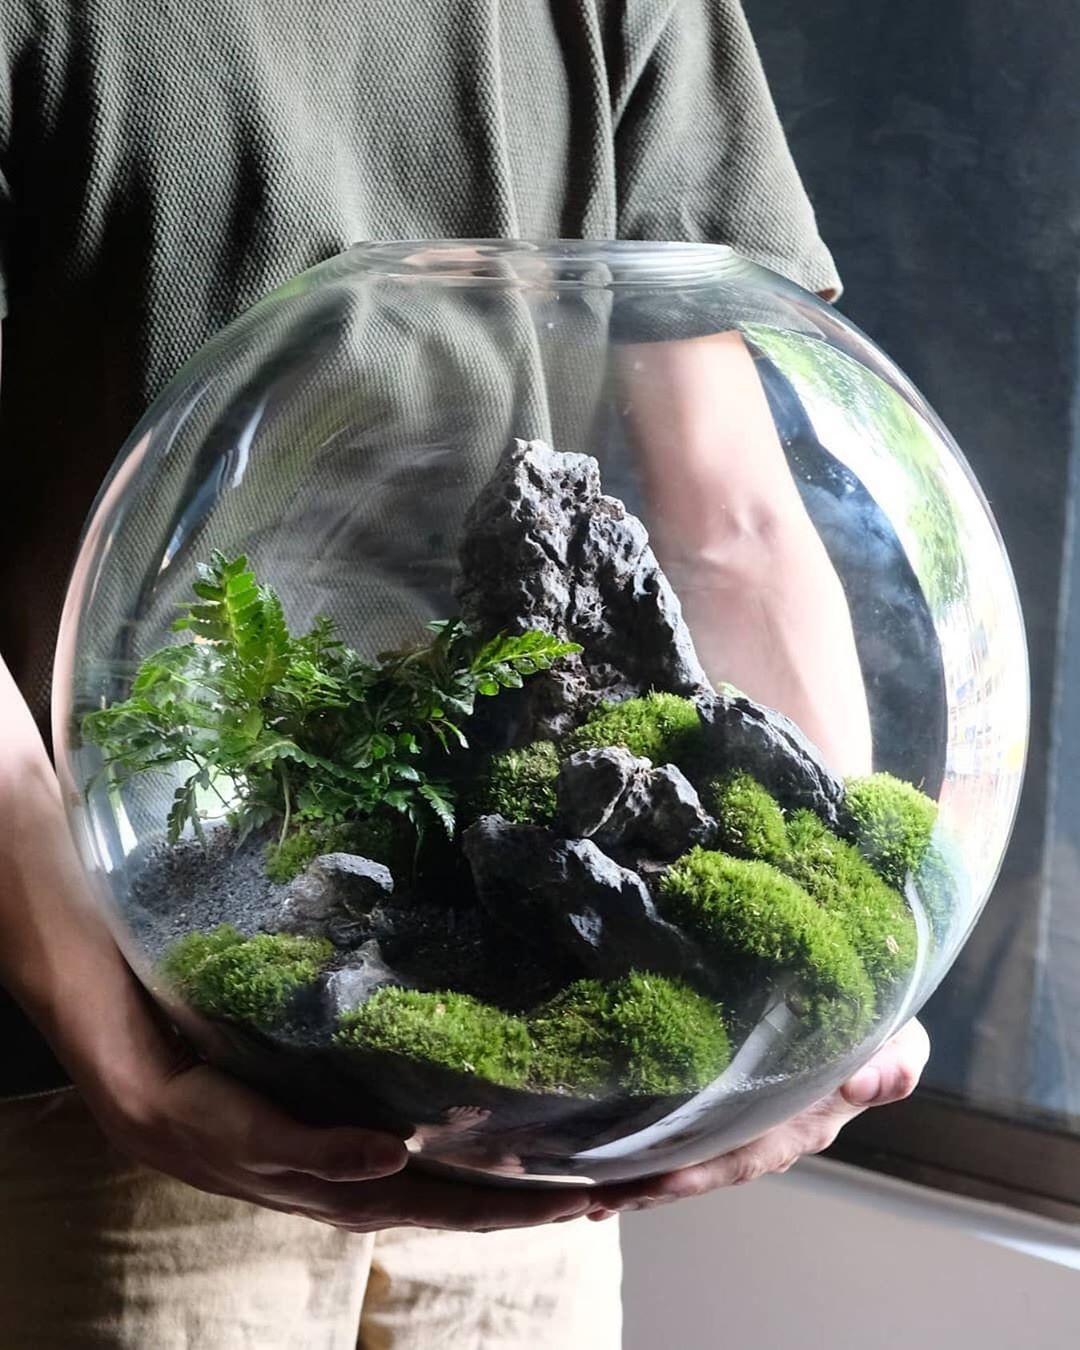 تراریوم در بسته، محل مناسبی برای نگهداری گیاهان استوایی